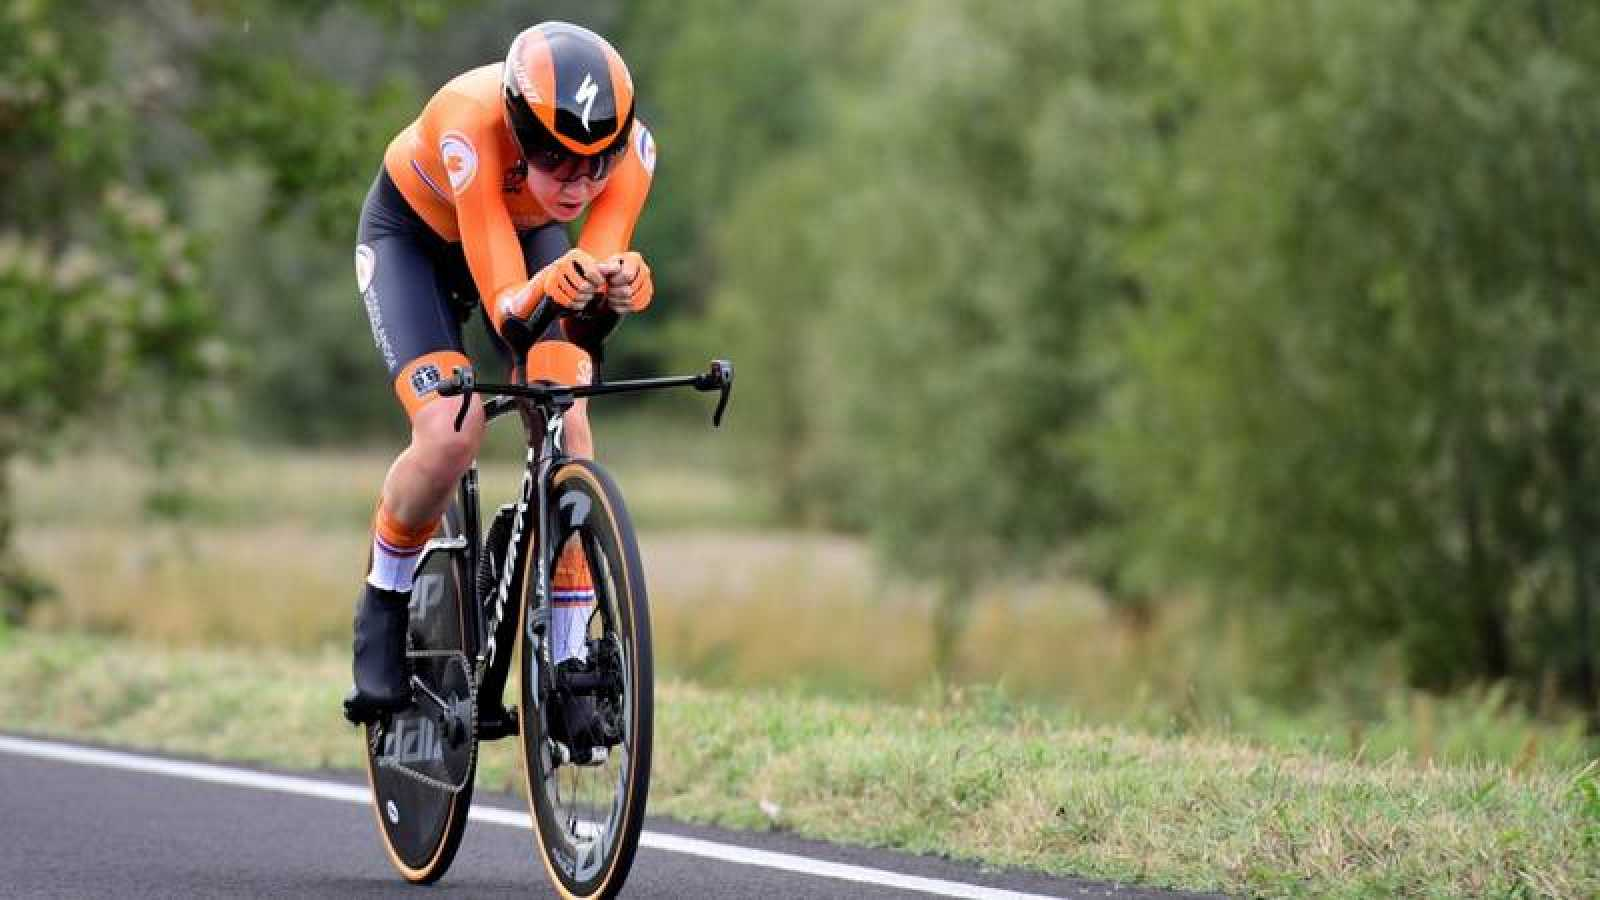 Anna van der Breggen, durante la prueba contrarreloj de los Mundiales de ciclismo en Imola.